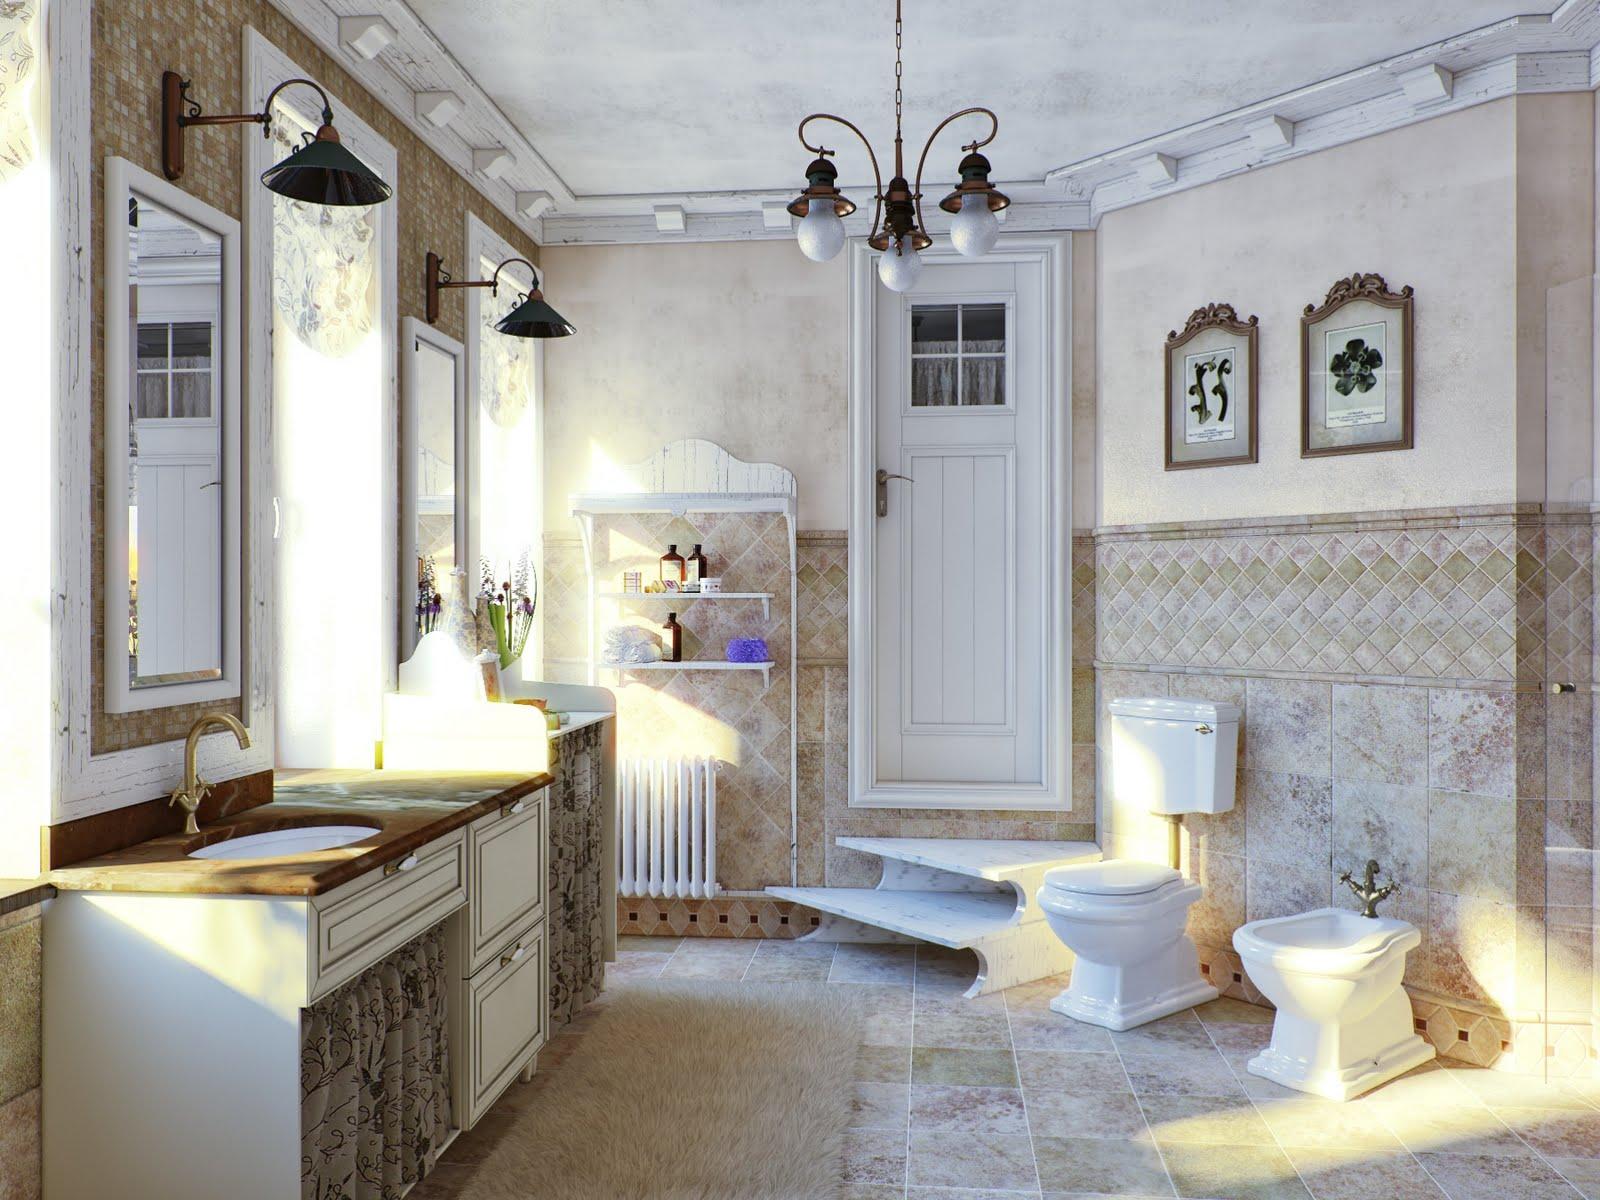 Как выбрать стиль аксессуаров для украшения квартиры или дома?